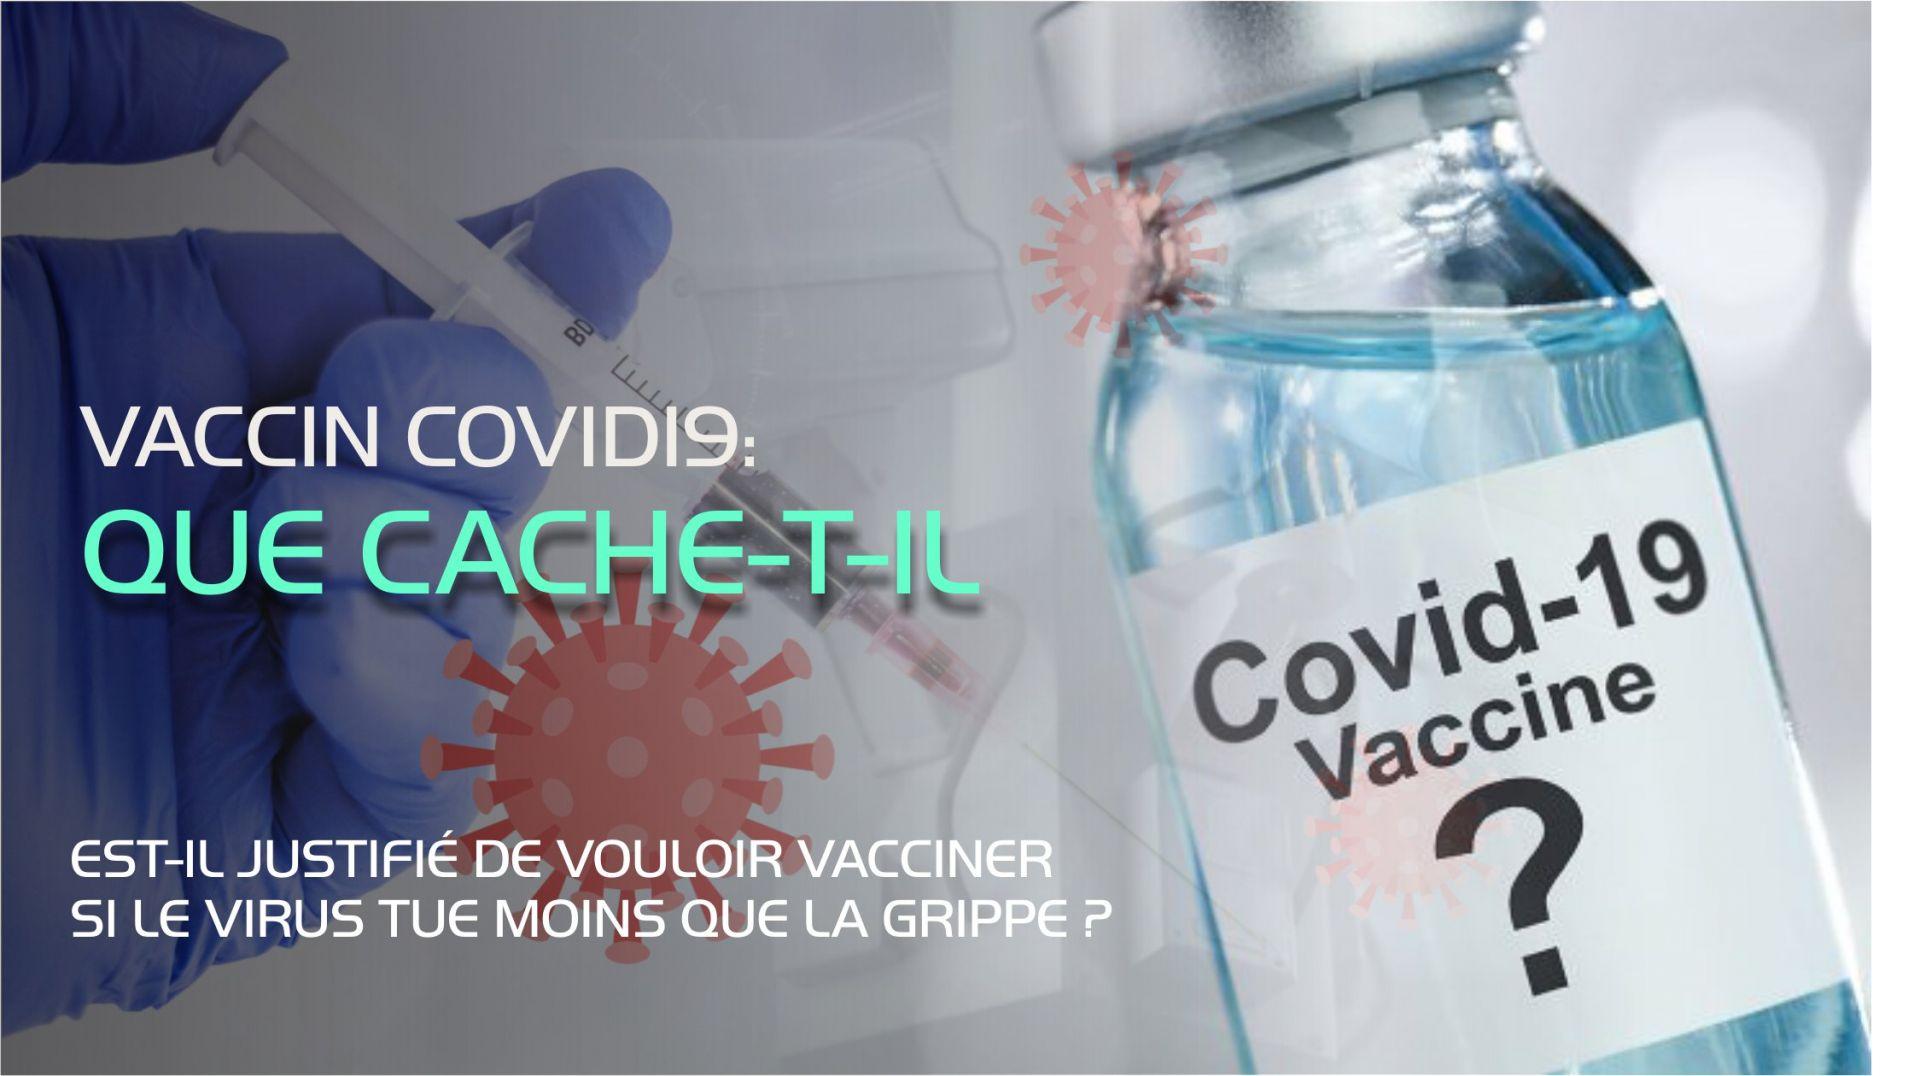 Ce procédé n'est pas un vaccin mais un mécanisme pour nous rendre encore plus malade ?